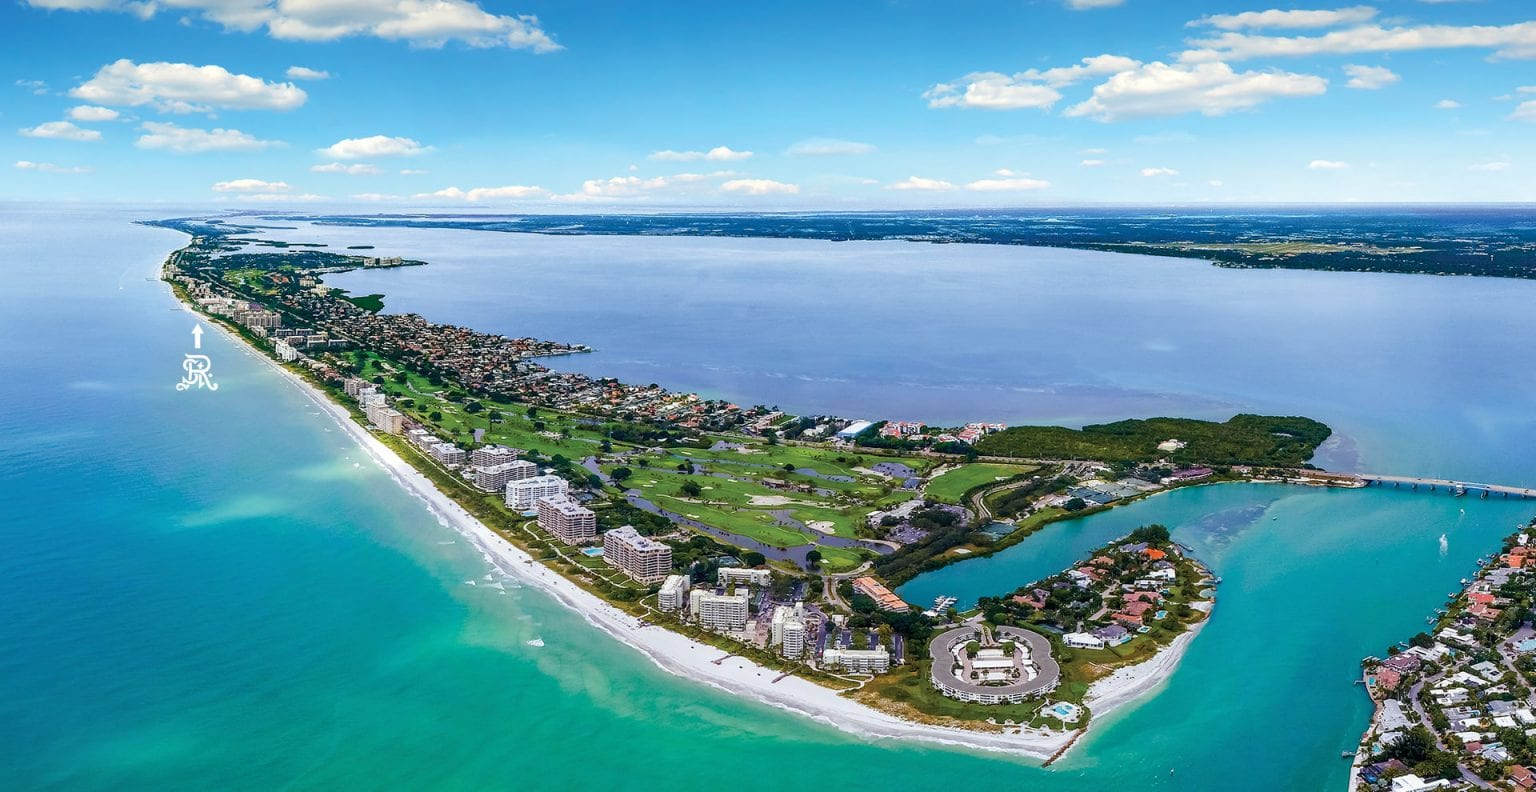 St Regis Aerial View of Longboat Key